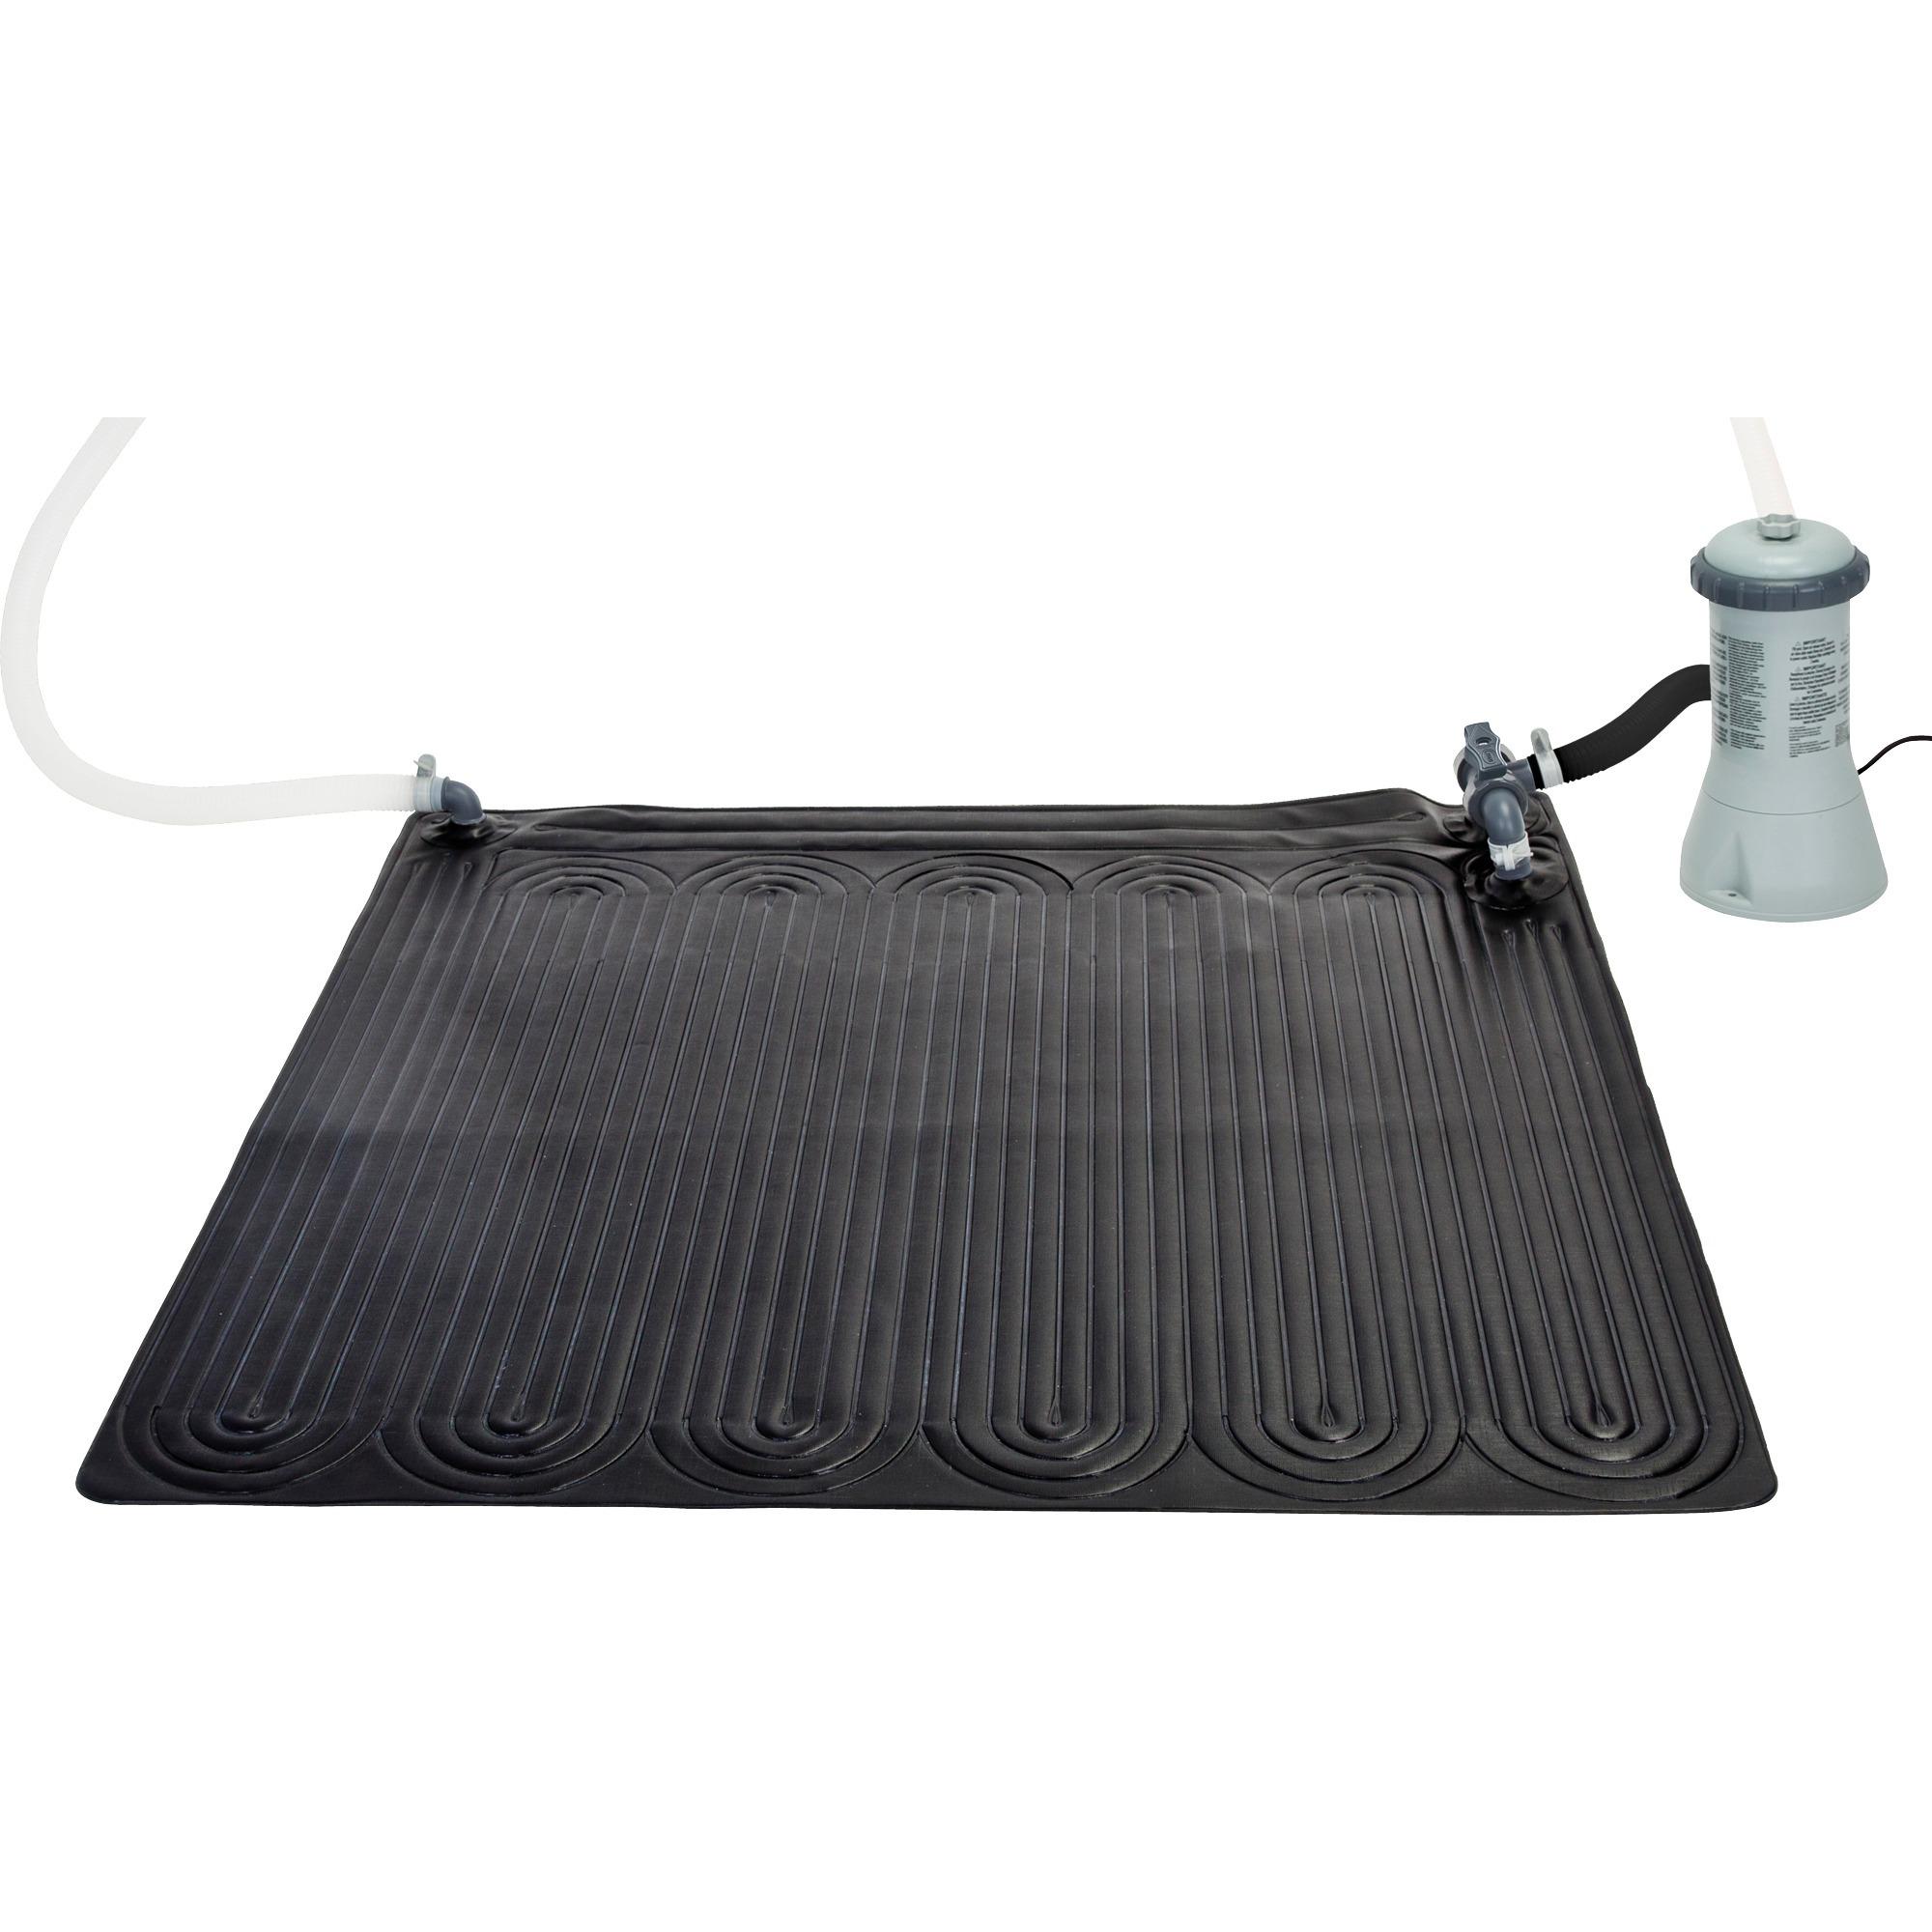 28685 Calentador solar accesorio para piscina, Calefacción